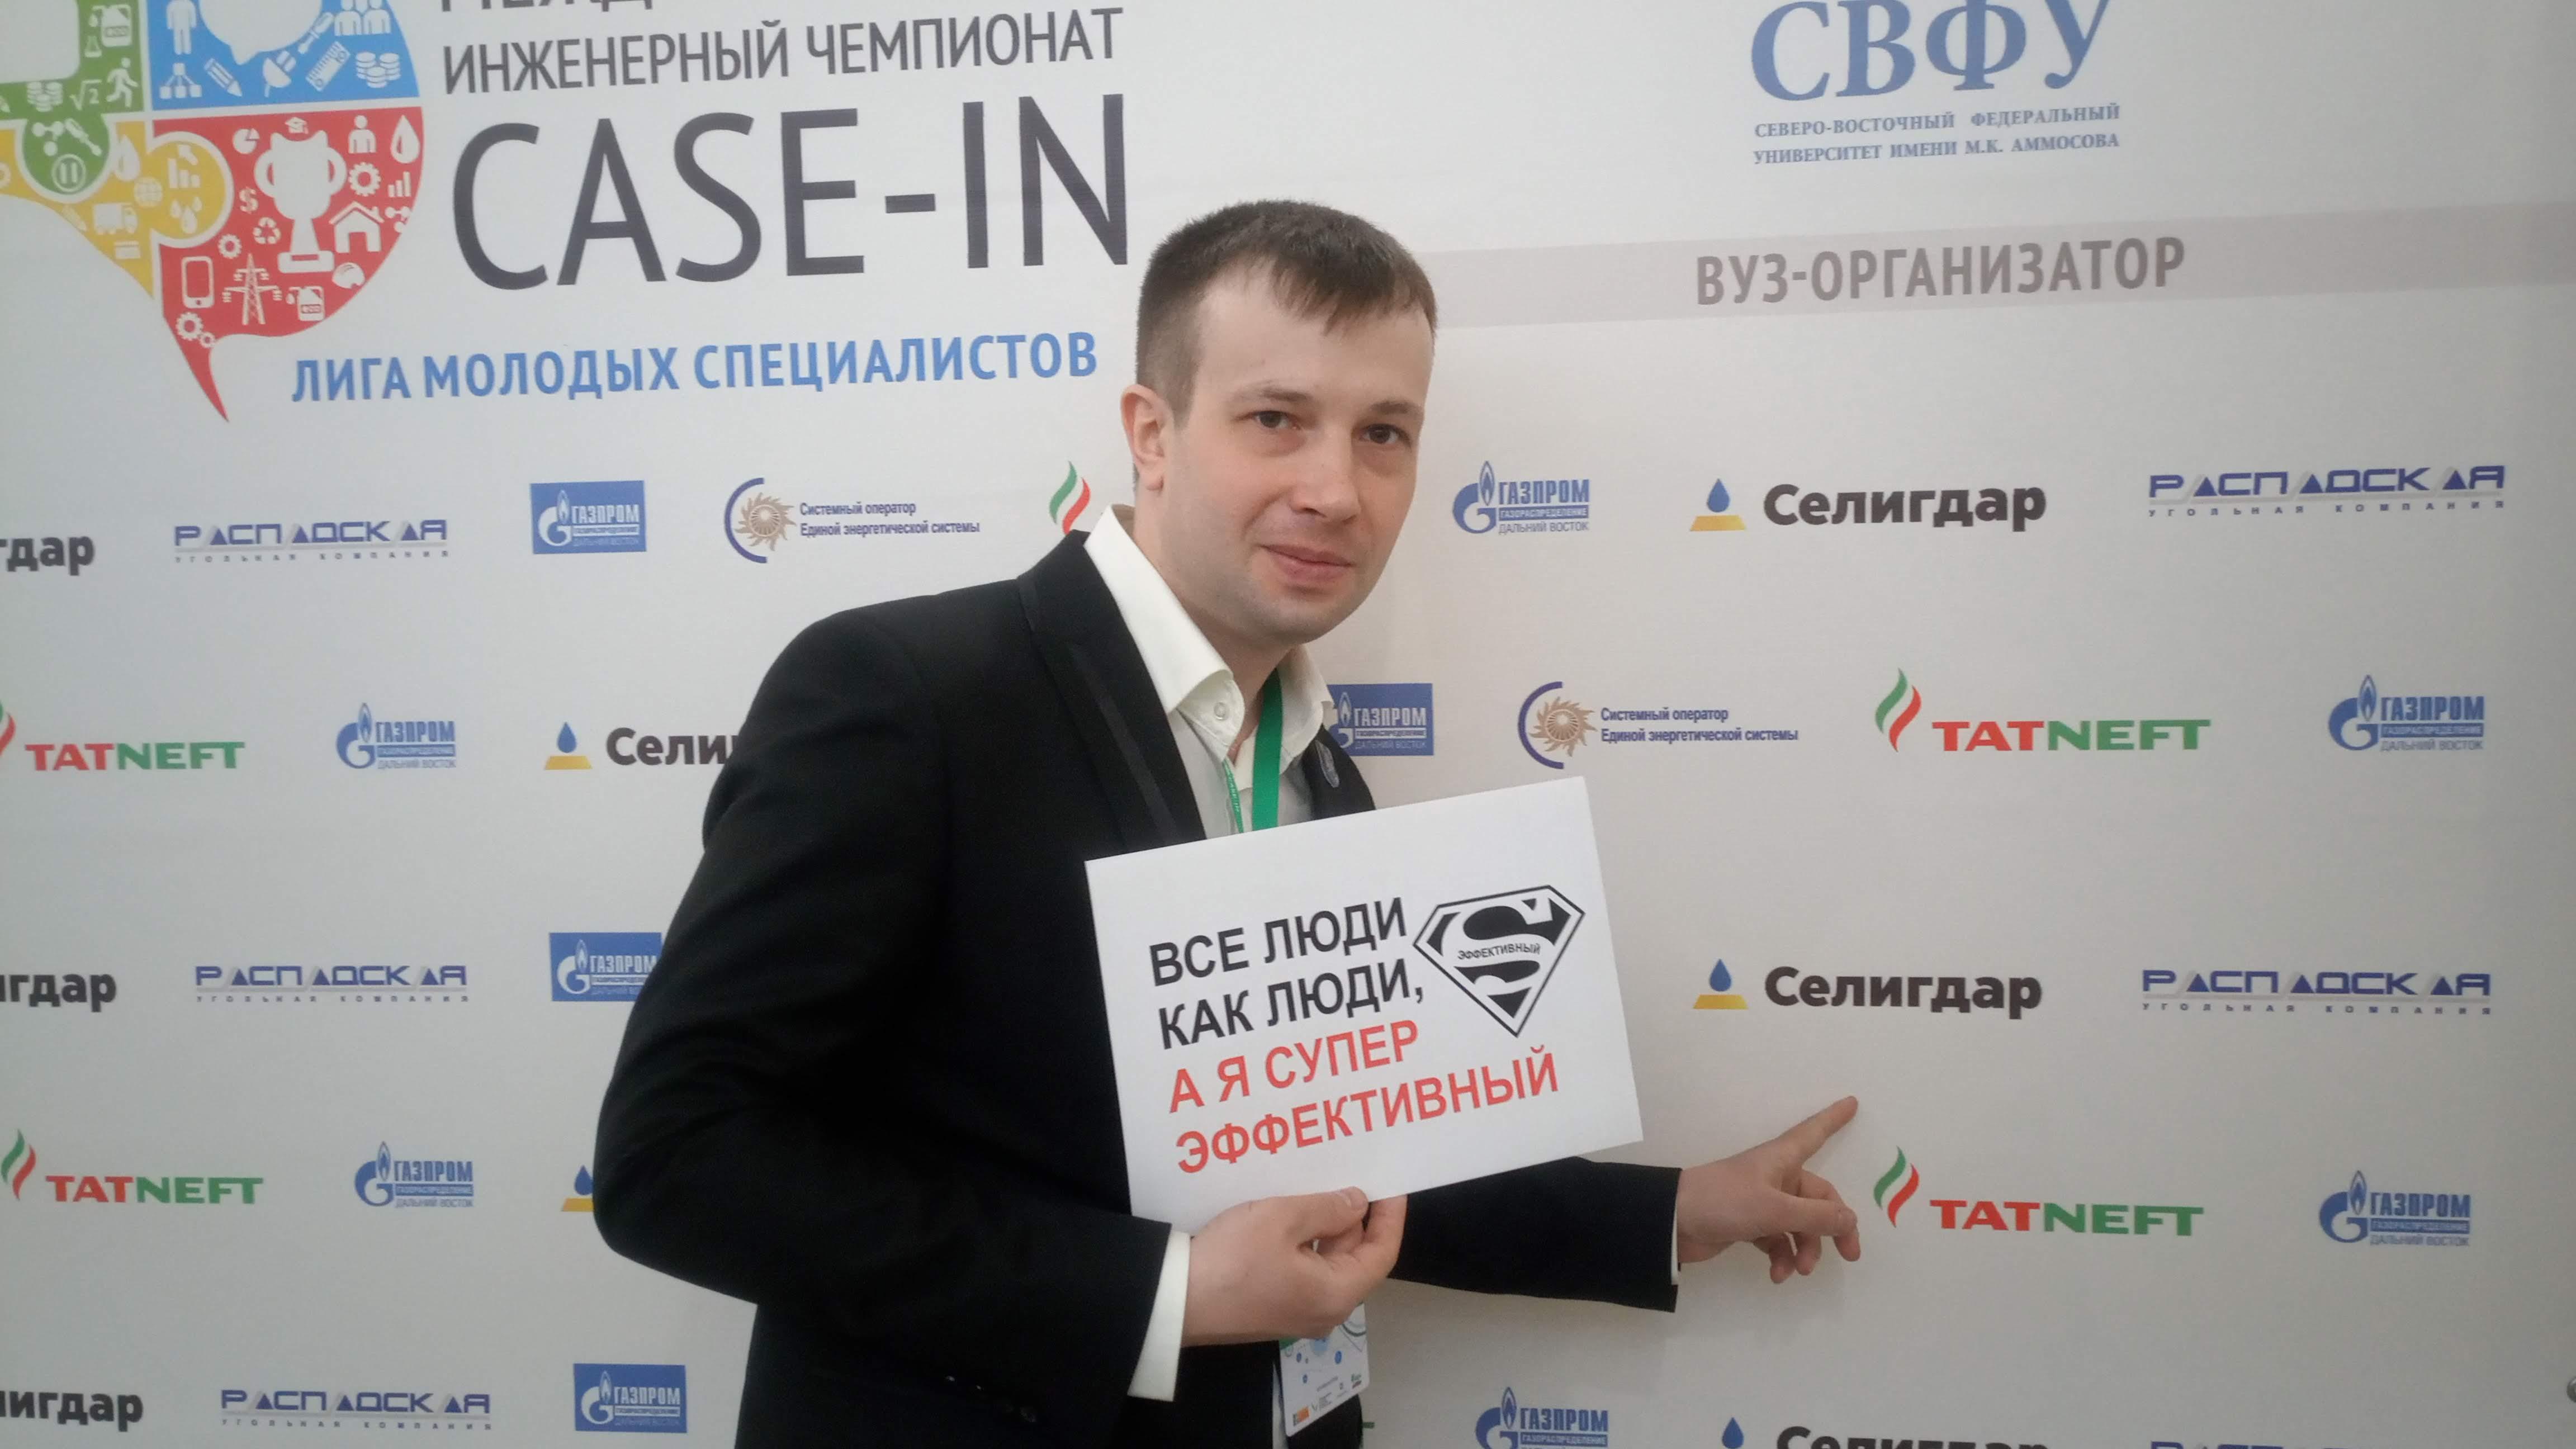 Дмитрий Бельских